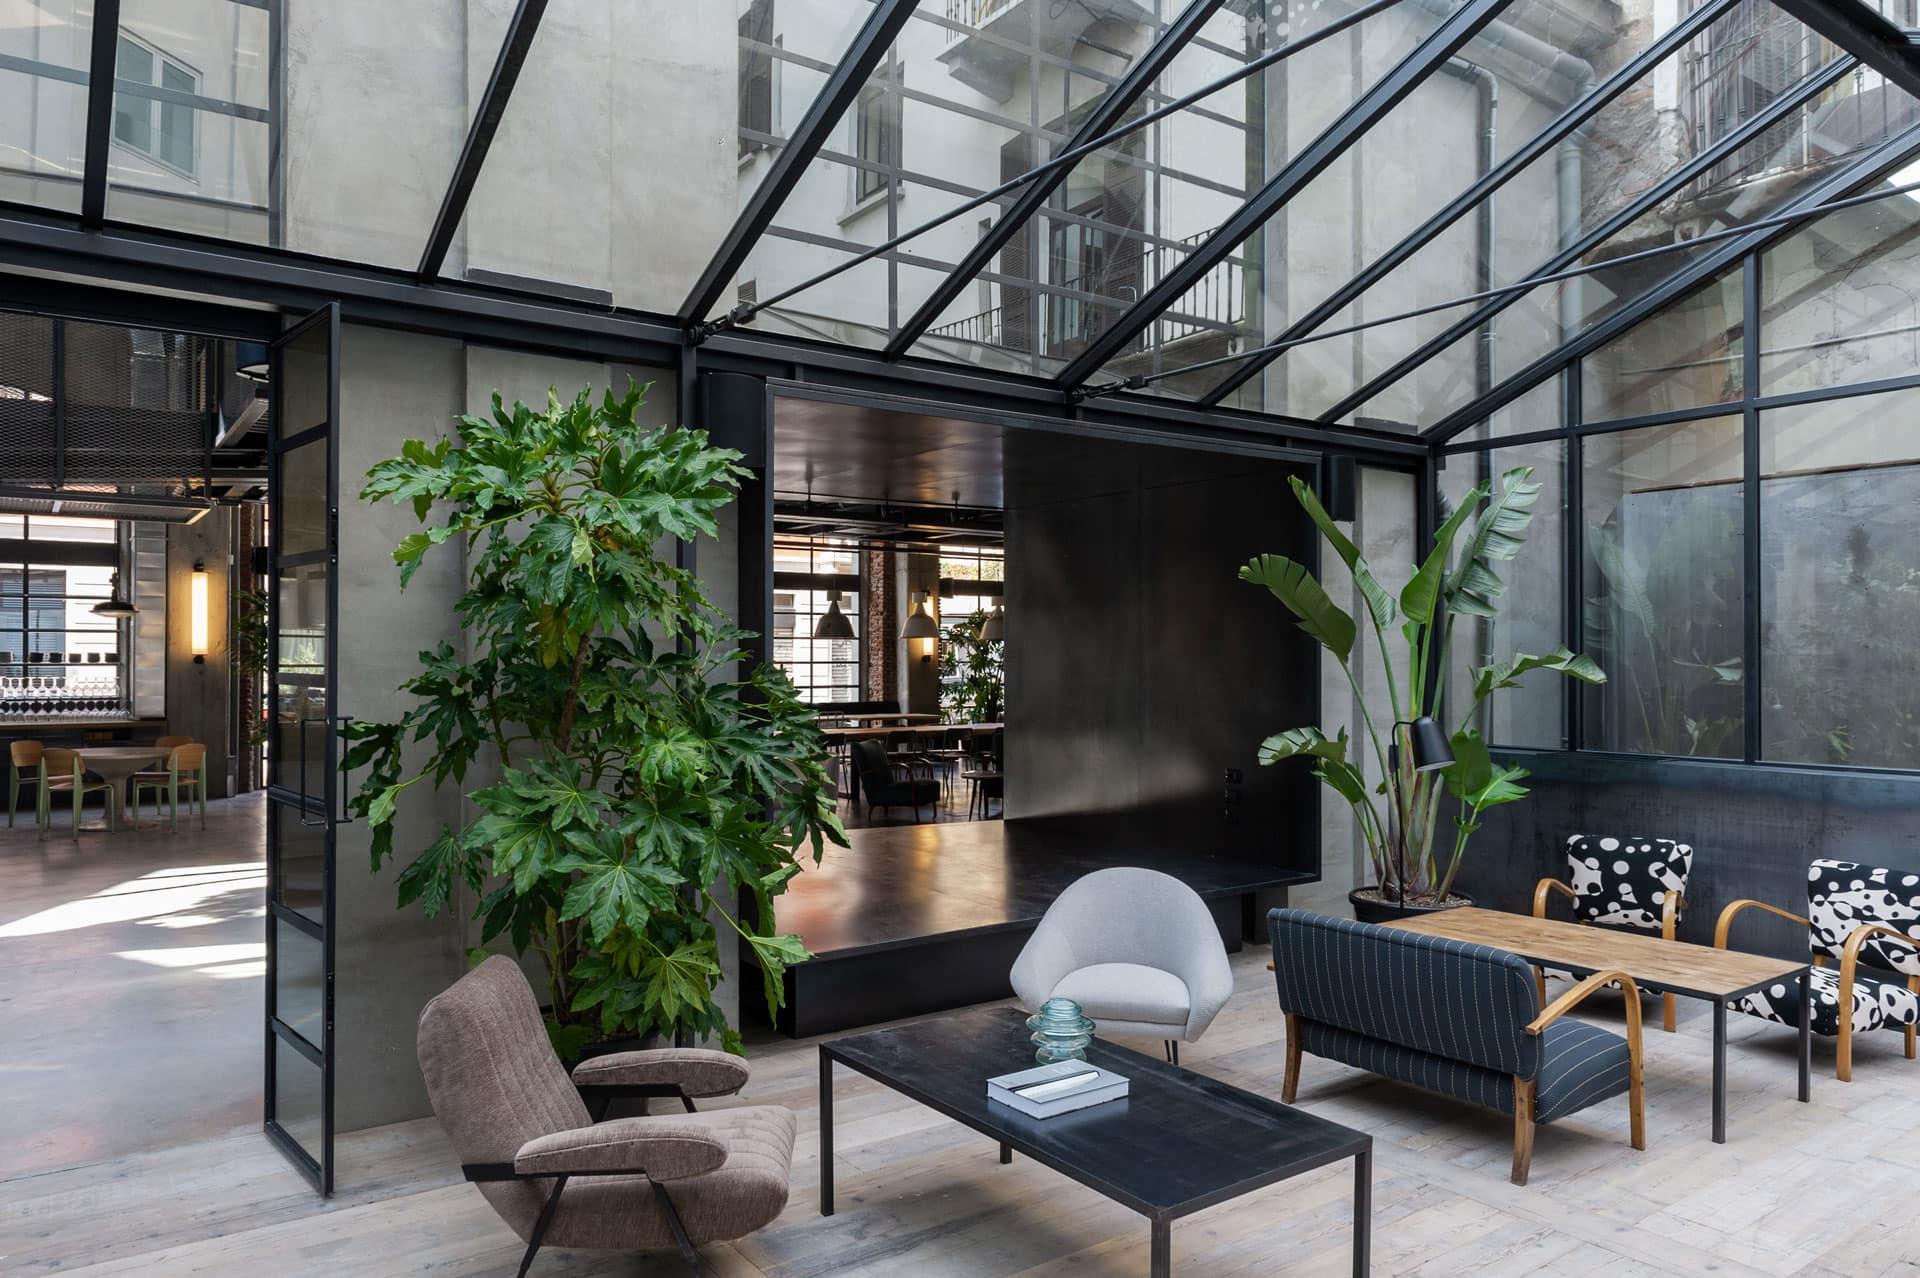 location di design perfetta per feste private